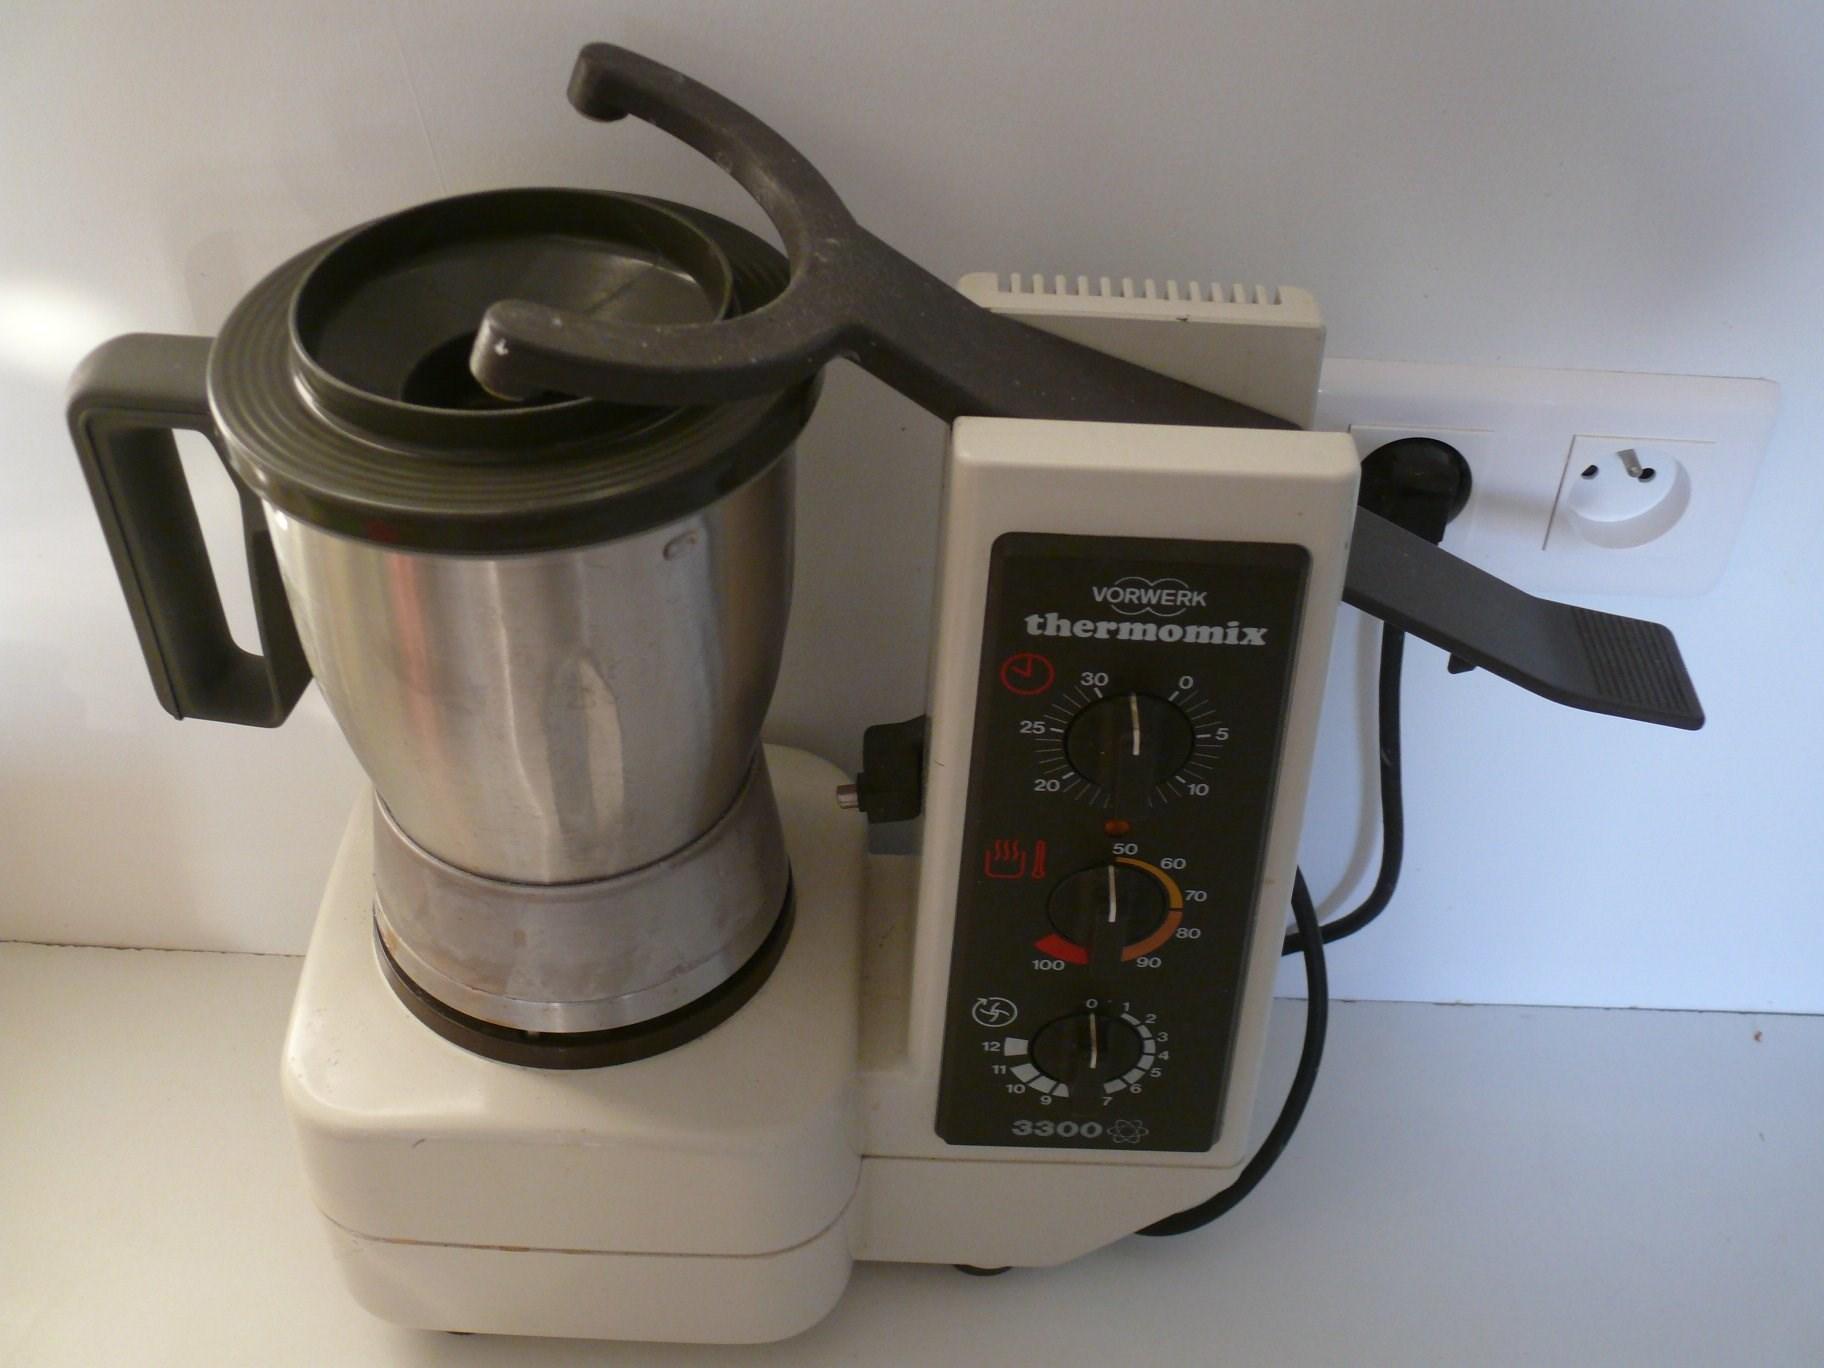 Thermomix 3300 Le Bon Coin robot lidl | toluna